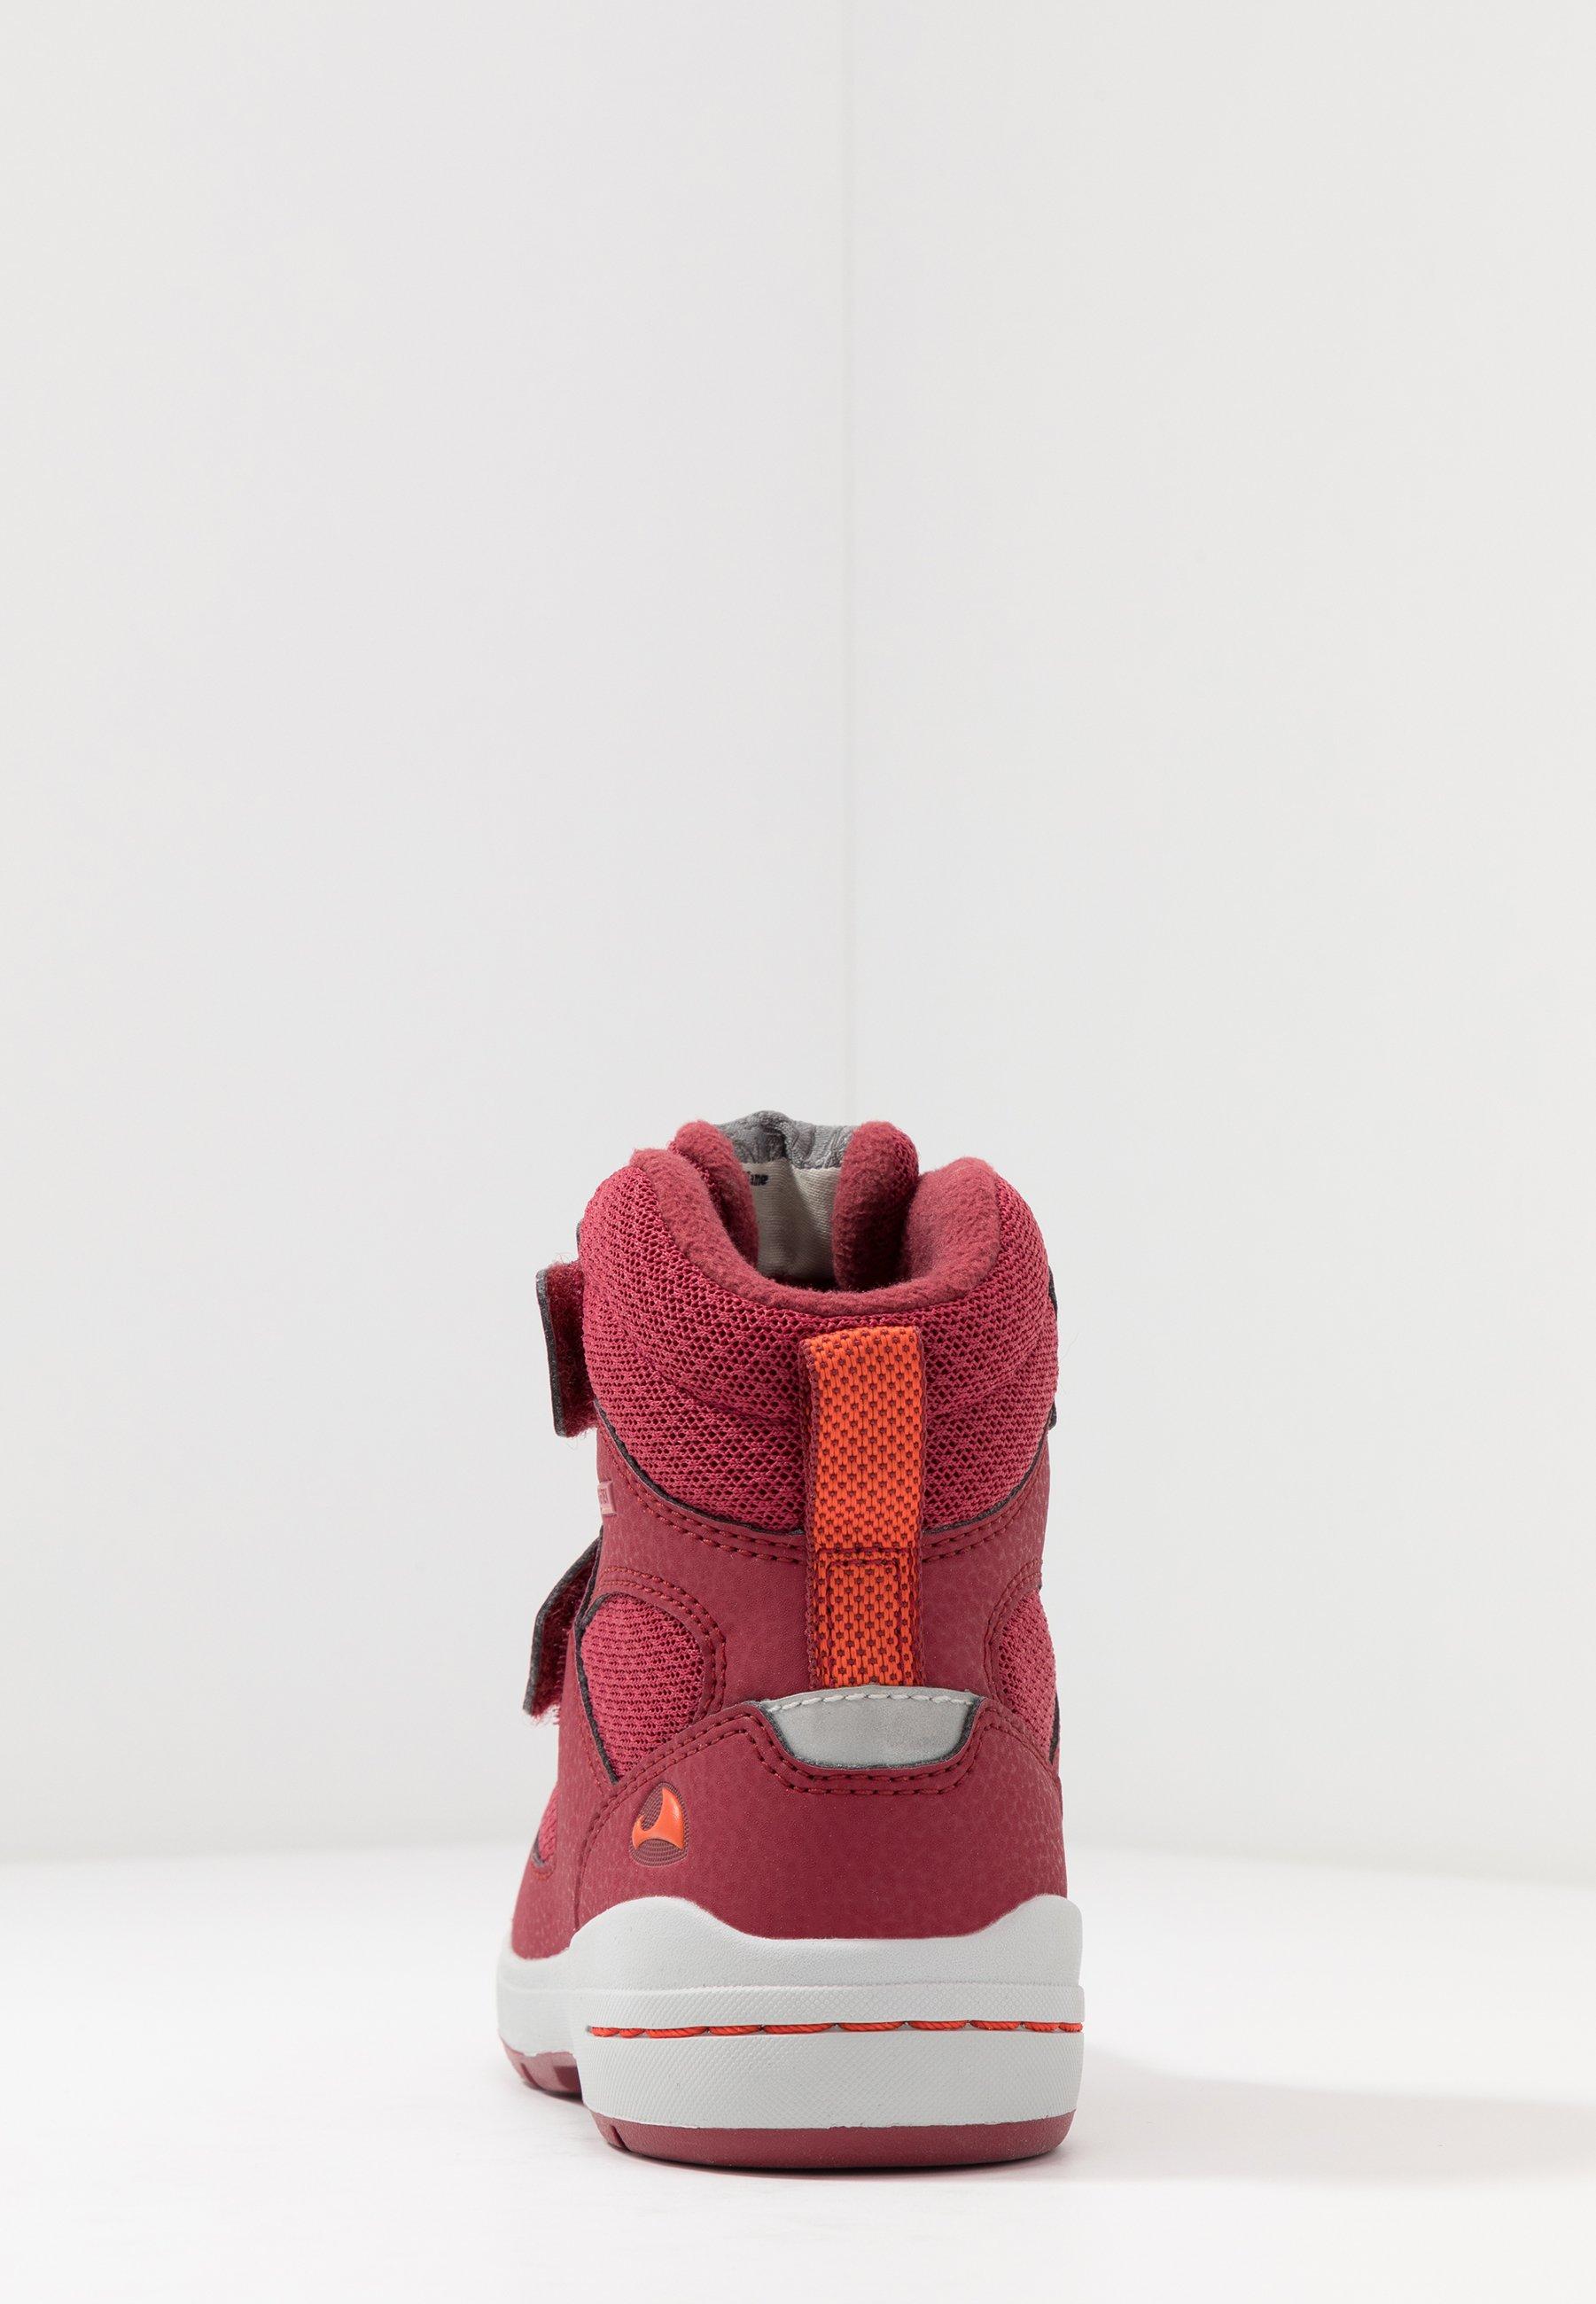 Enfant SPRO GTX UNISEX - Bottes de neige